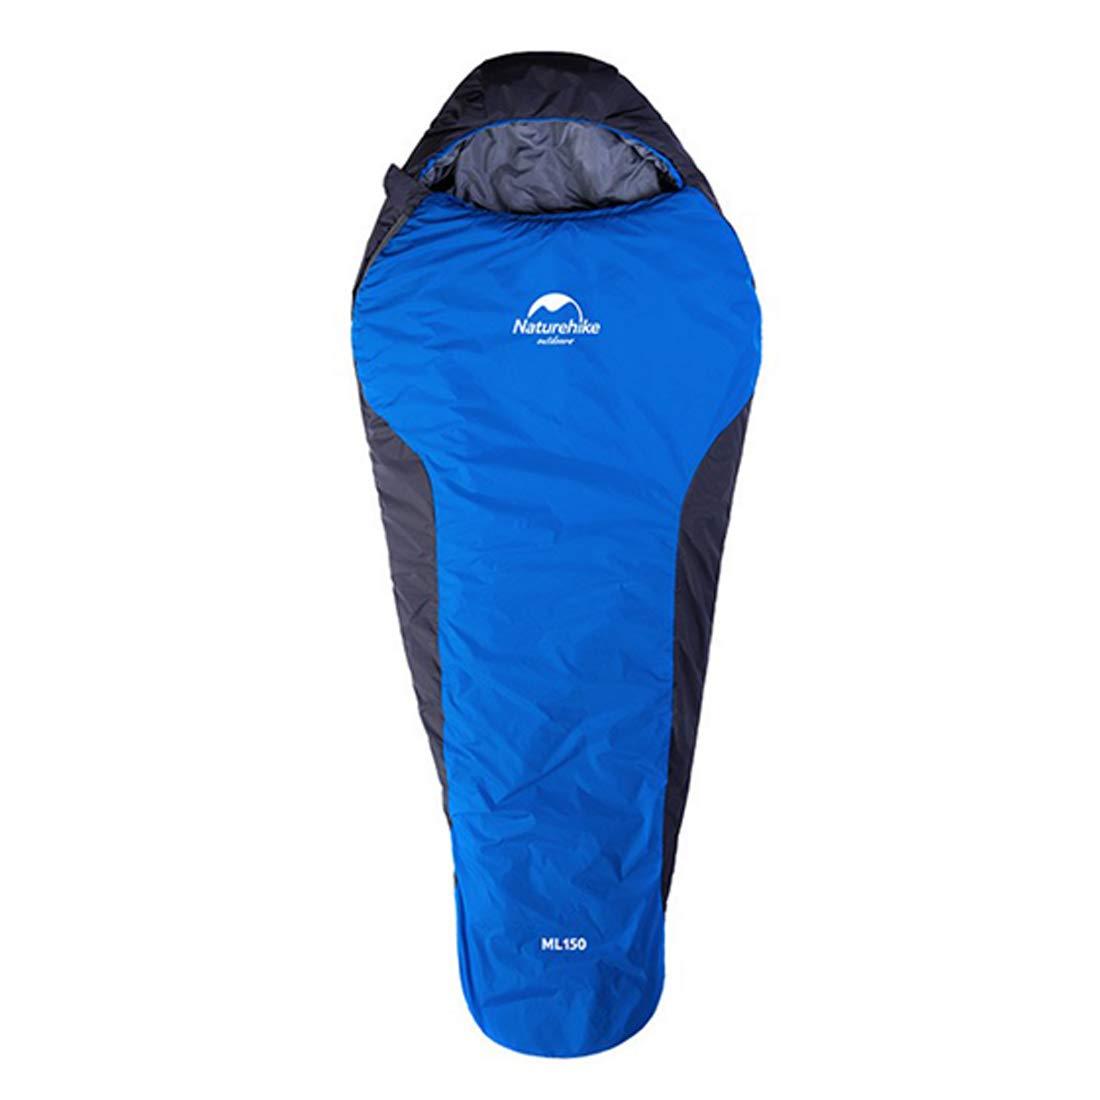 CUBCBIIS 圧縮袋/ミイラでのバックパッキングのための4-9℃ オレンジ) -/超軽量の寝袋 - 快適温度範囲 (Color ブルー : オレンジ) B07N4ZC2T9 ブルー ブルー, 新和町:7748c344 --- itxassou.fr